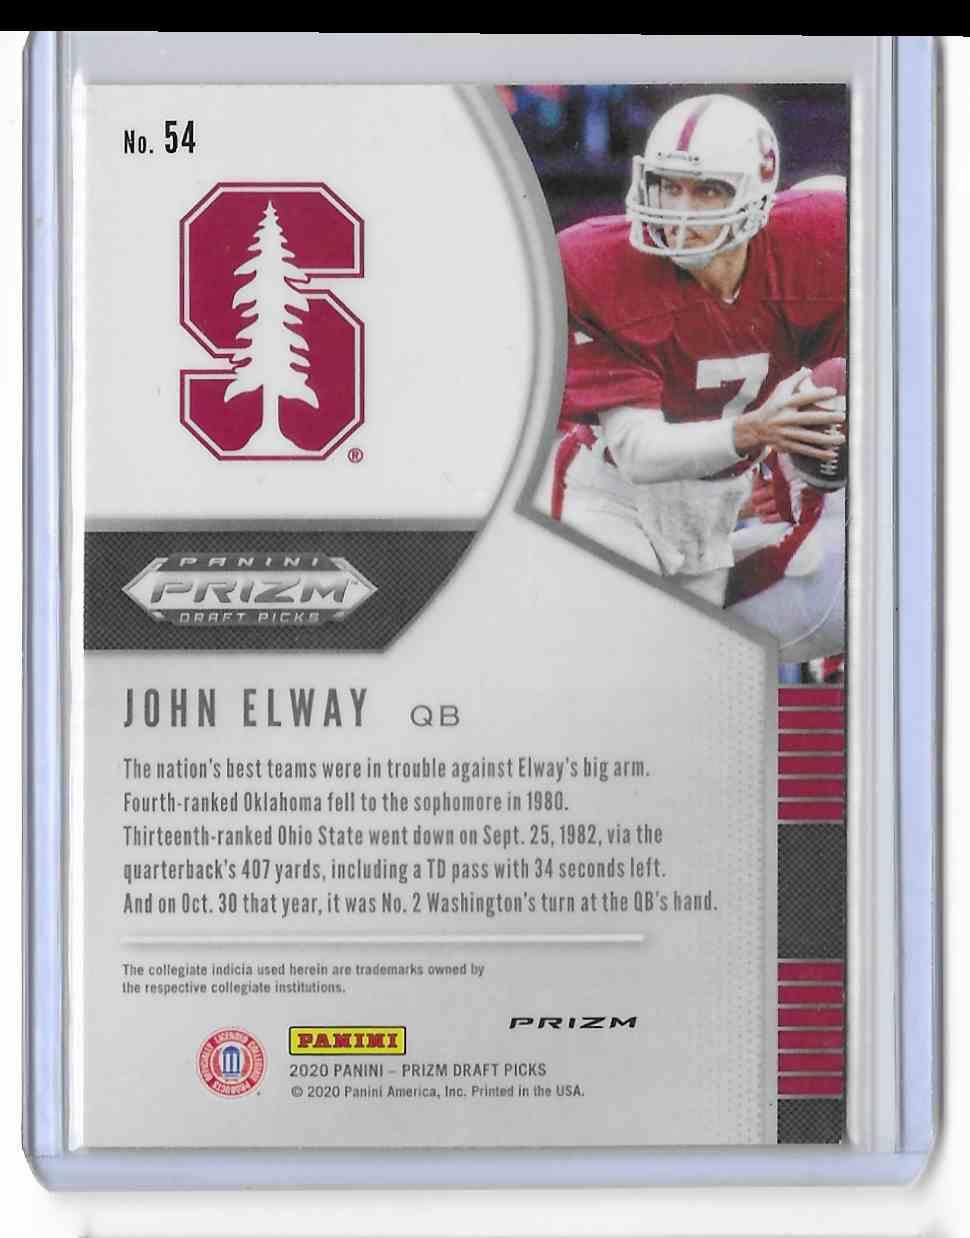 2020 Panini Prizm Draft Picks Red John Elway #54 card back image